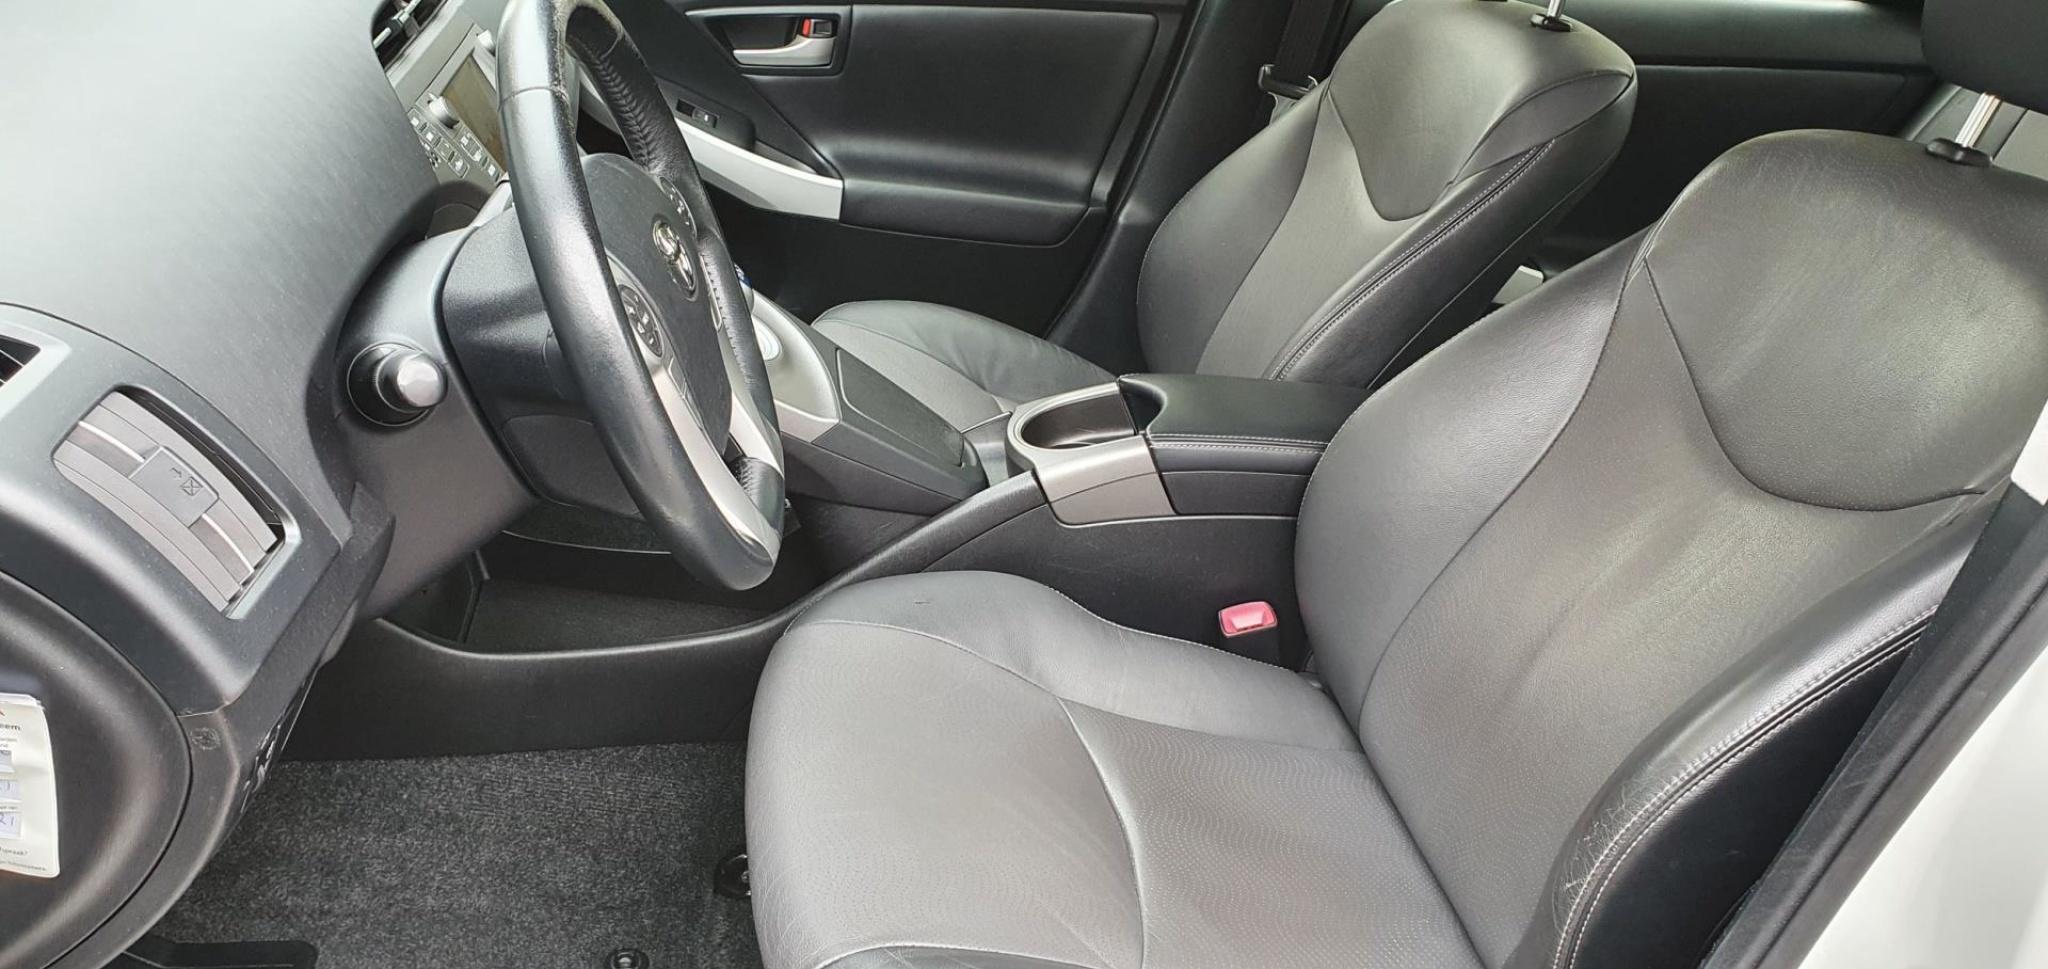 Toyota-Prius-26